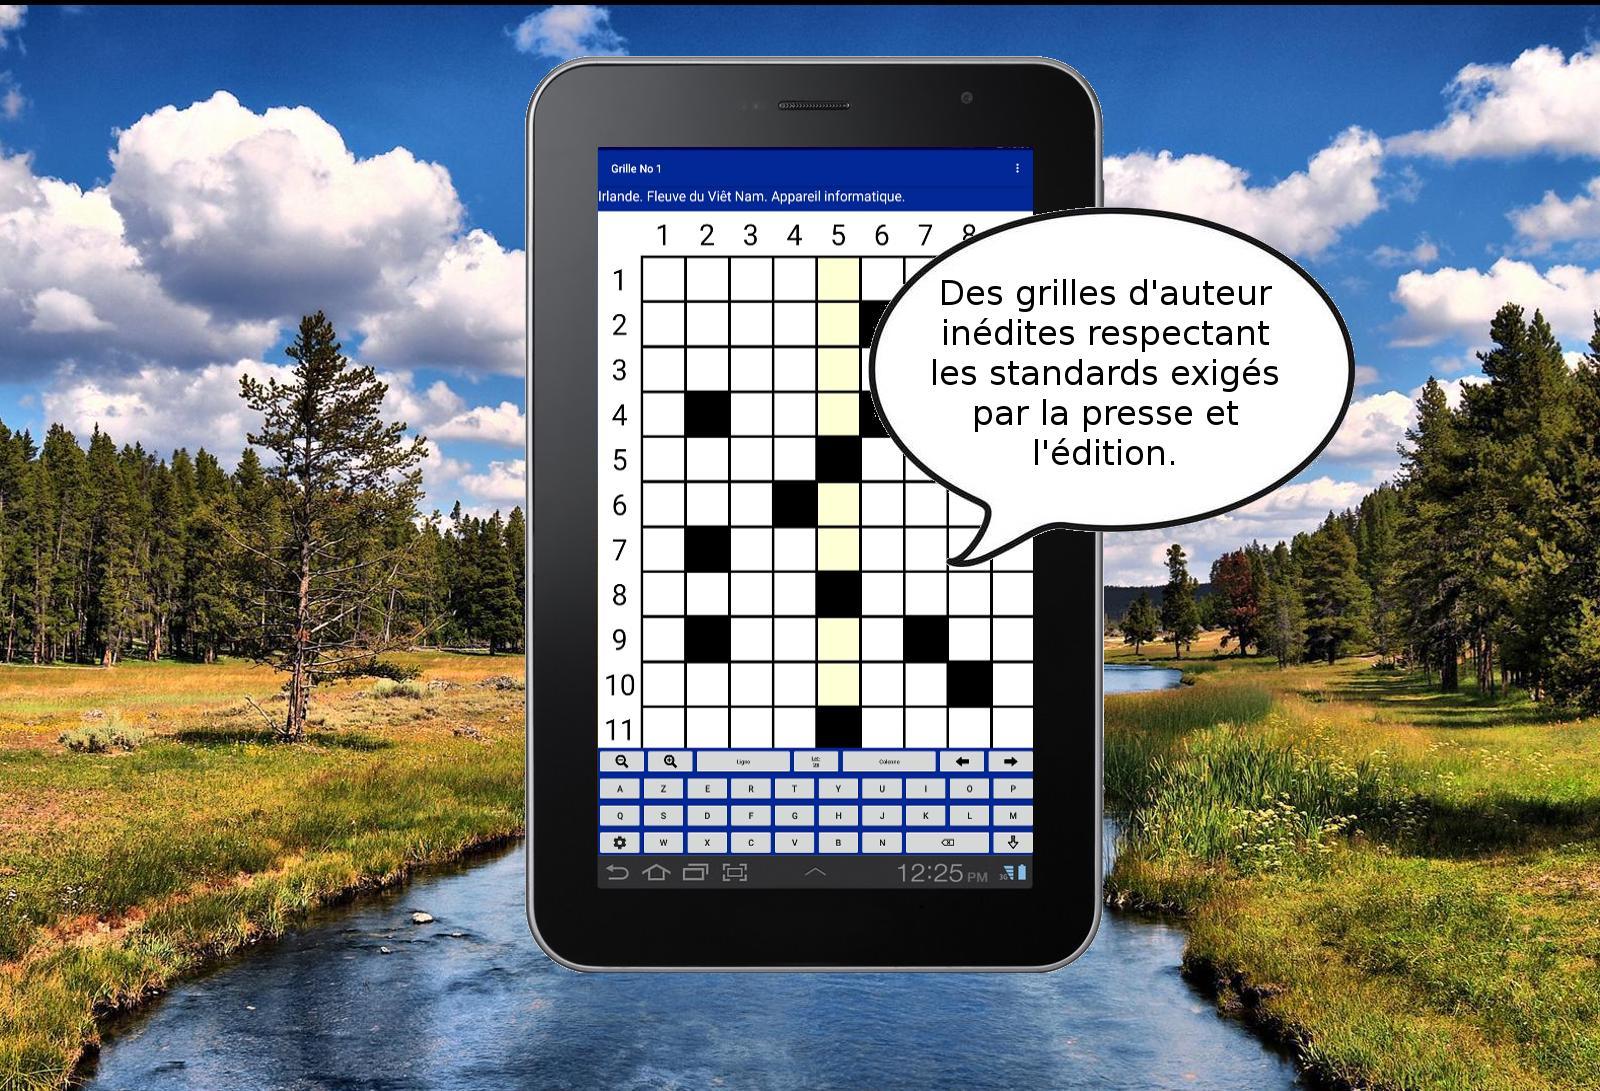 Android Için Mots Croisés Gratuits 2 - Jeu De Lettres. - Apk serapportantà Jeux De Mots Croisés Gratuits